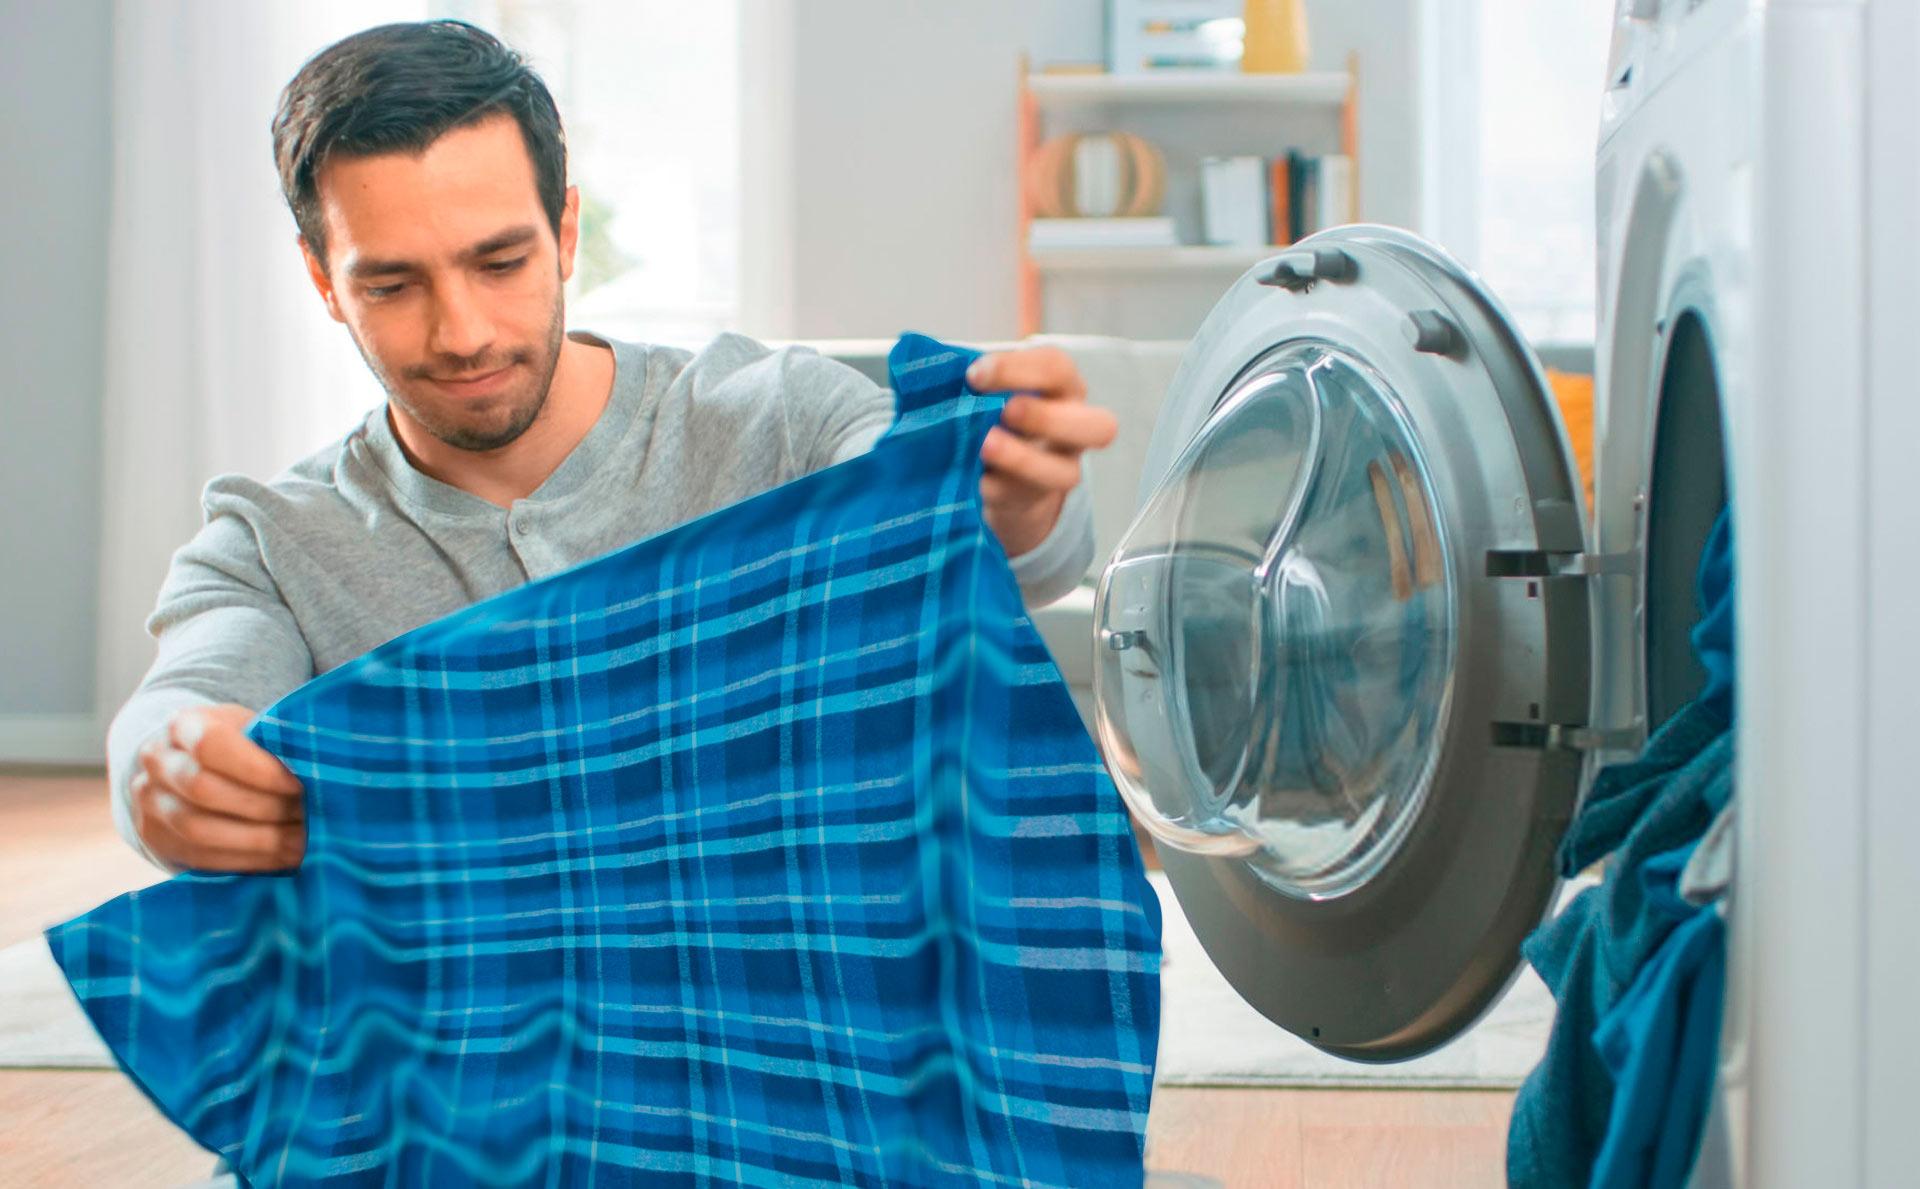 Hombre Lavando Camisa